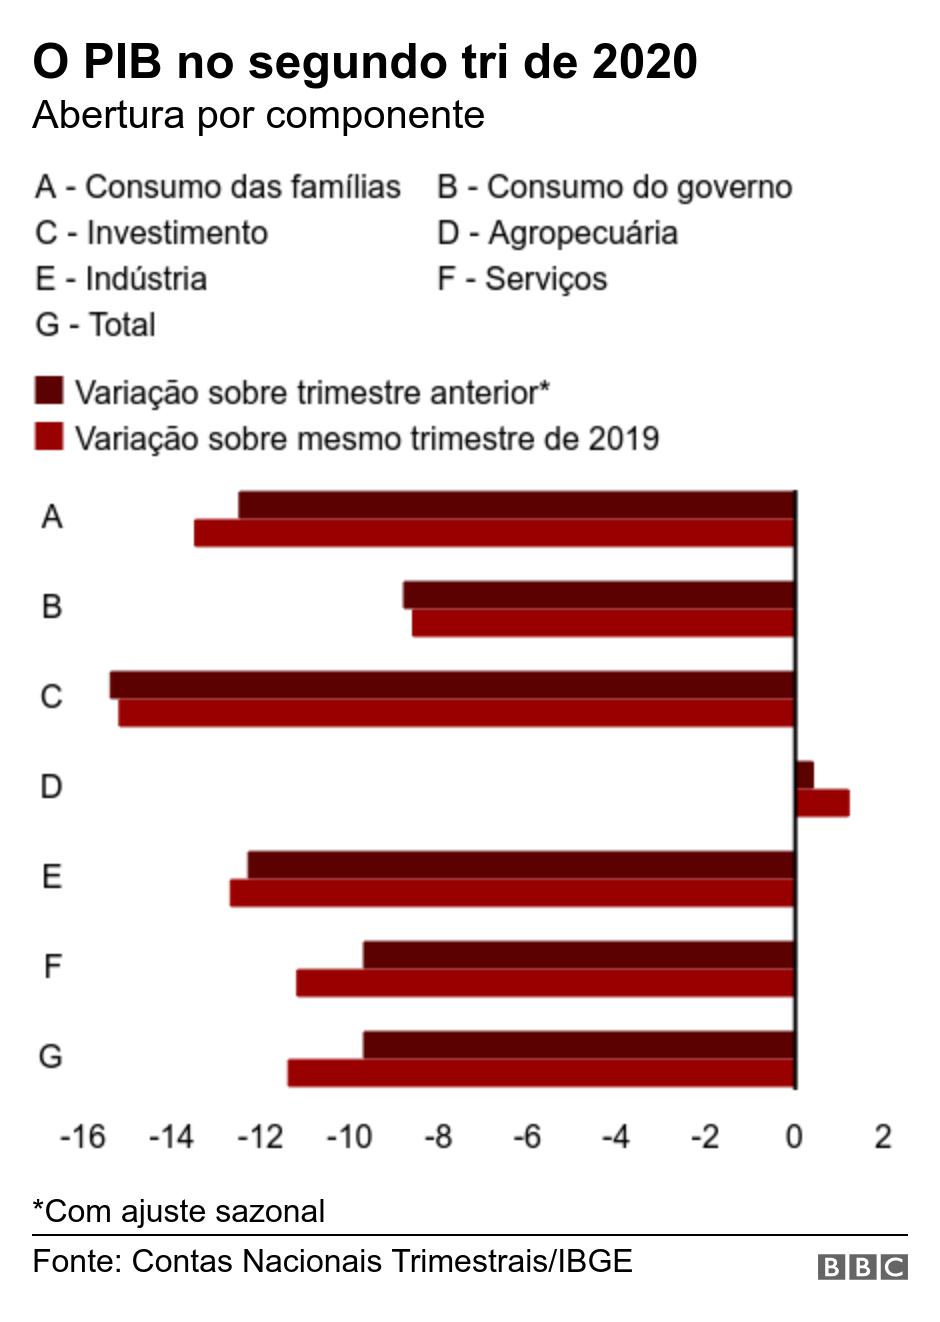 O PIB no segundo tri de 2020. Abertura por componente.  *Com ajuste sazonal.